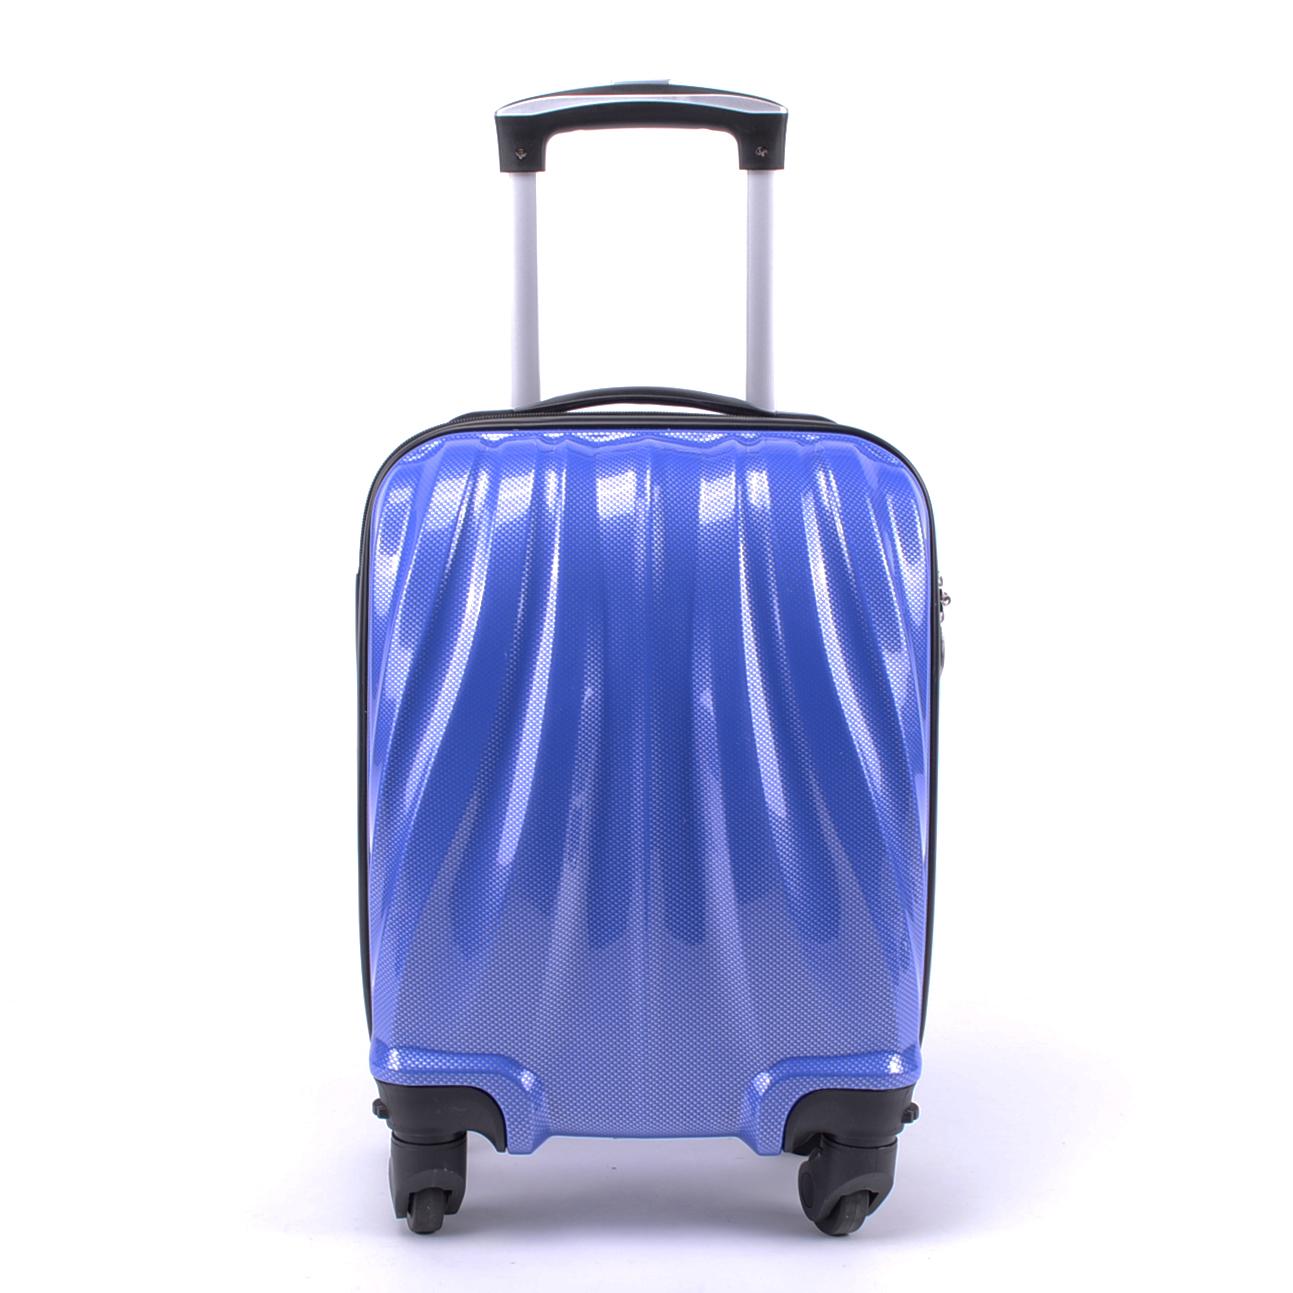 ed6cff092d04 Leonardo Da Vinci Go! Kemény Mini Bőrőnd Kék (4 Kerekű) - MINI BŐRÖNDÖK -  Táska webáruház - Minőségi táskák mindenkinek